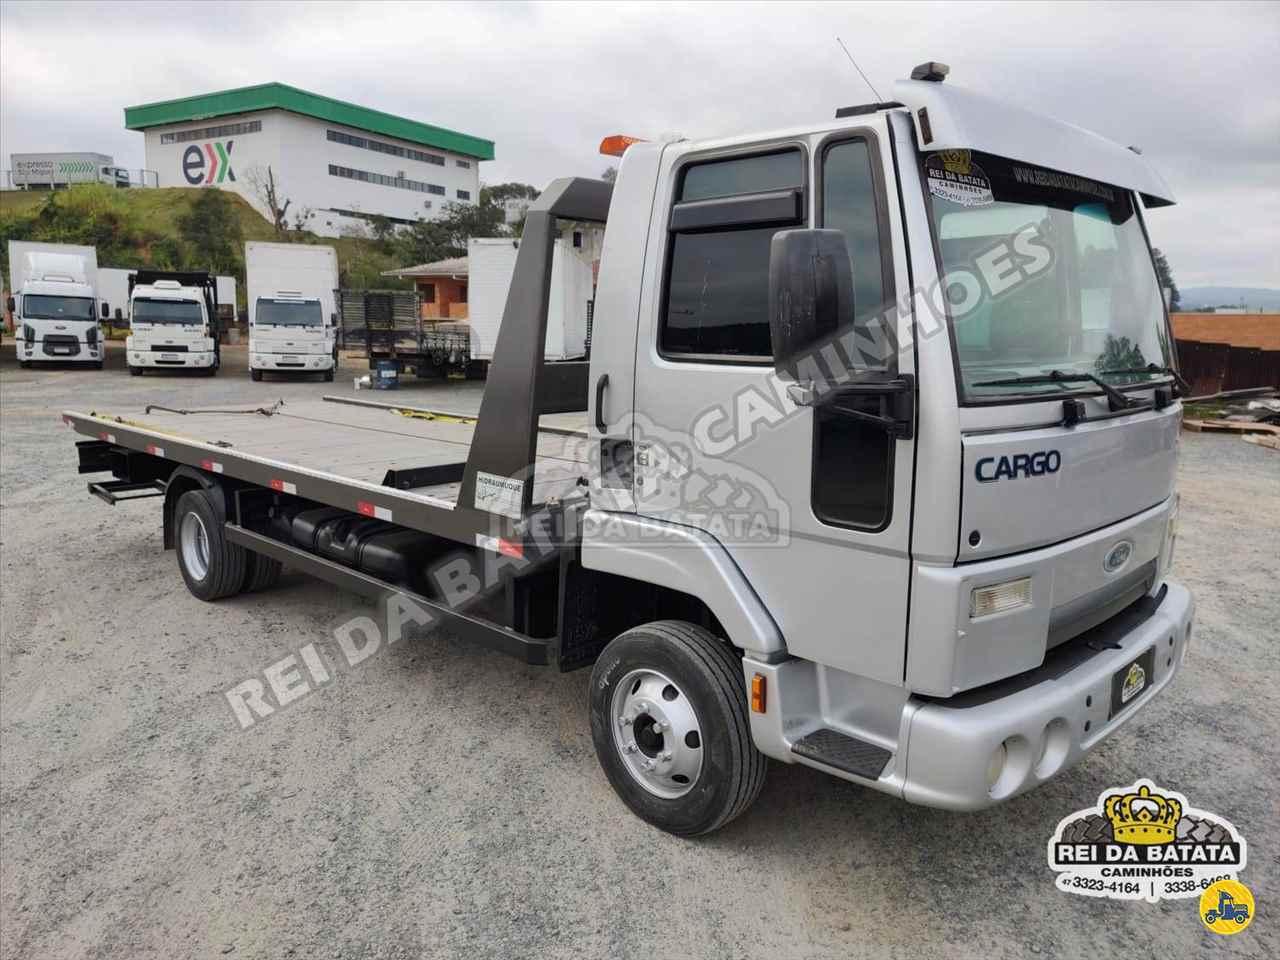 CAMINHAO FORD CARGO 815 Plataforma Guincho 3/4 4x2 Rei da Batata Caminhões BLUMENAU SANTA CATARINA SC